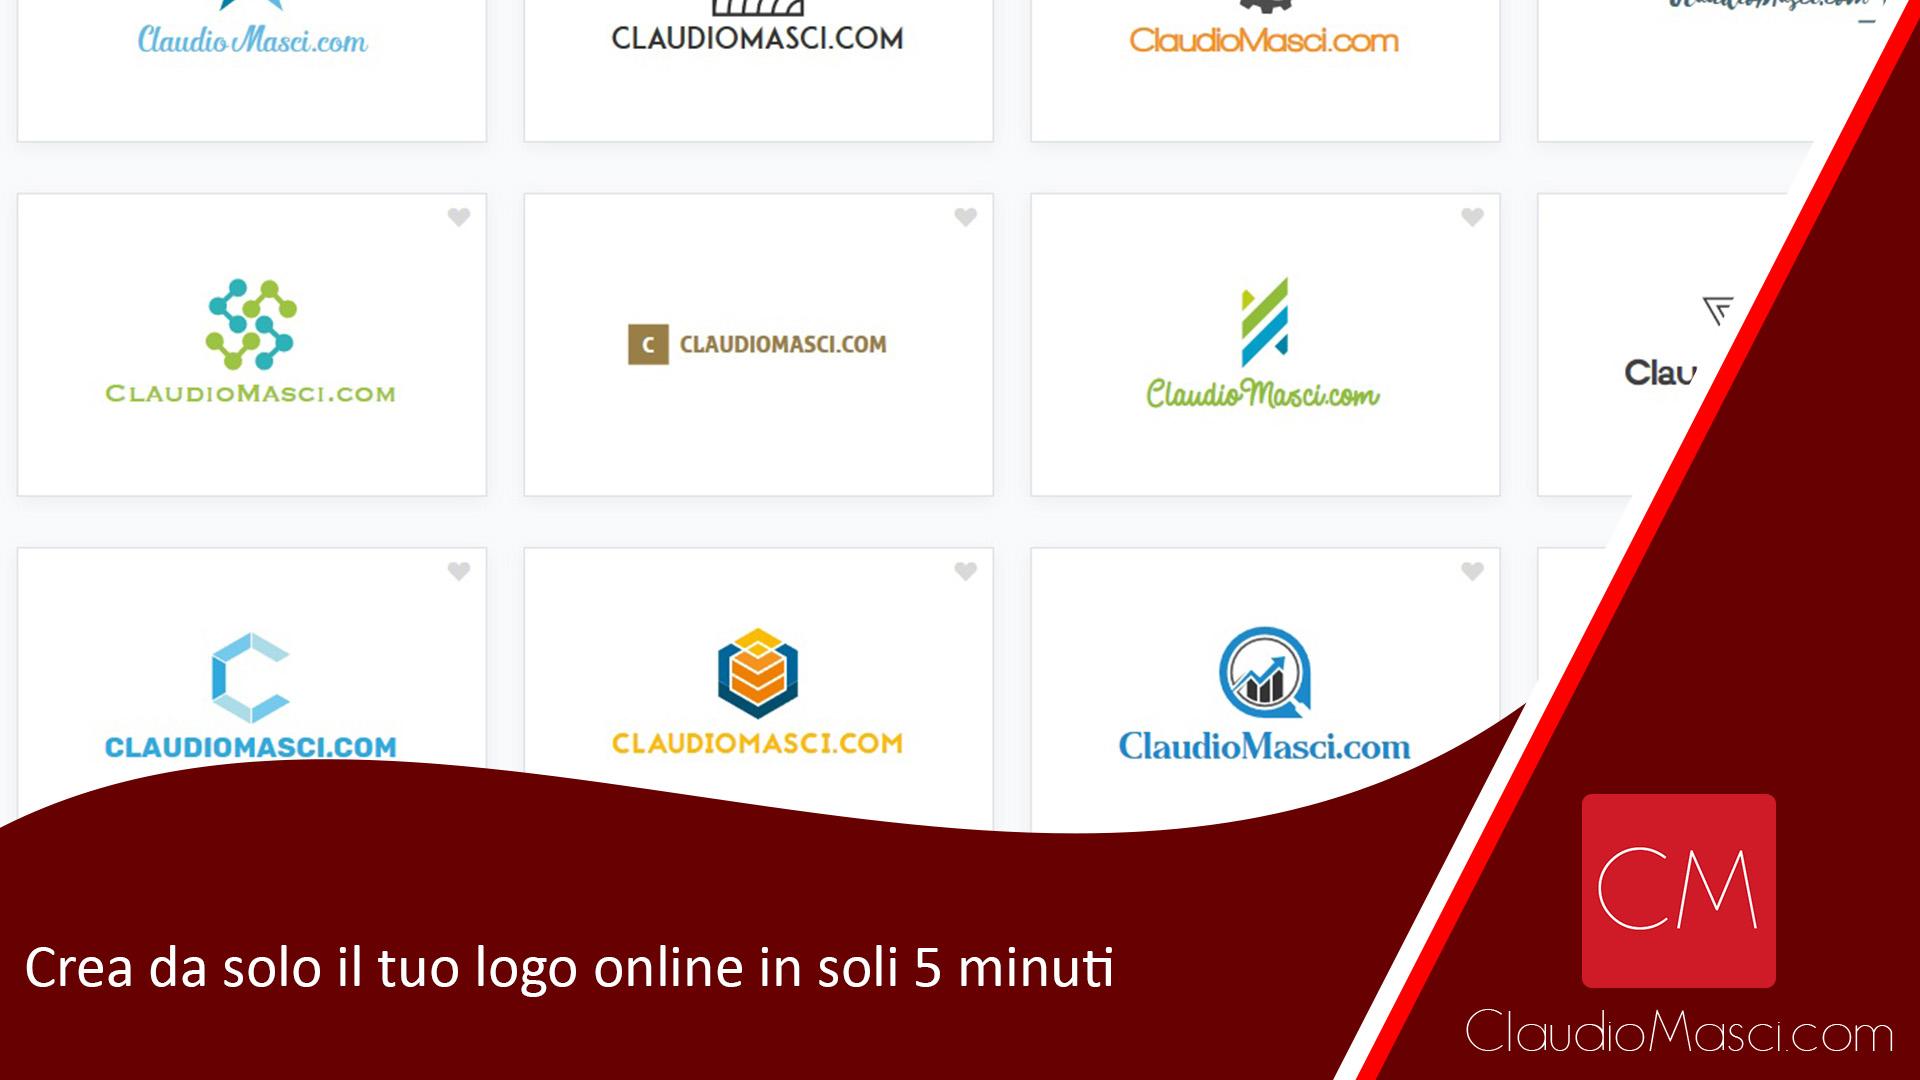 Crea da solo il tuo logo online in soli 5 minuti